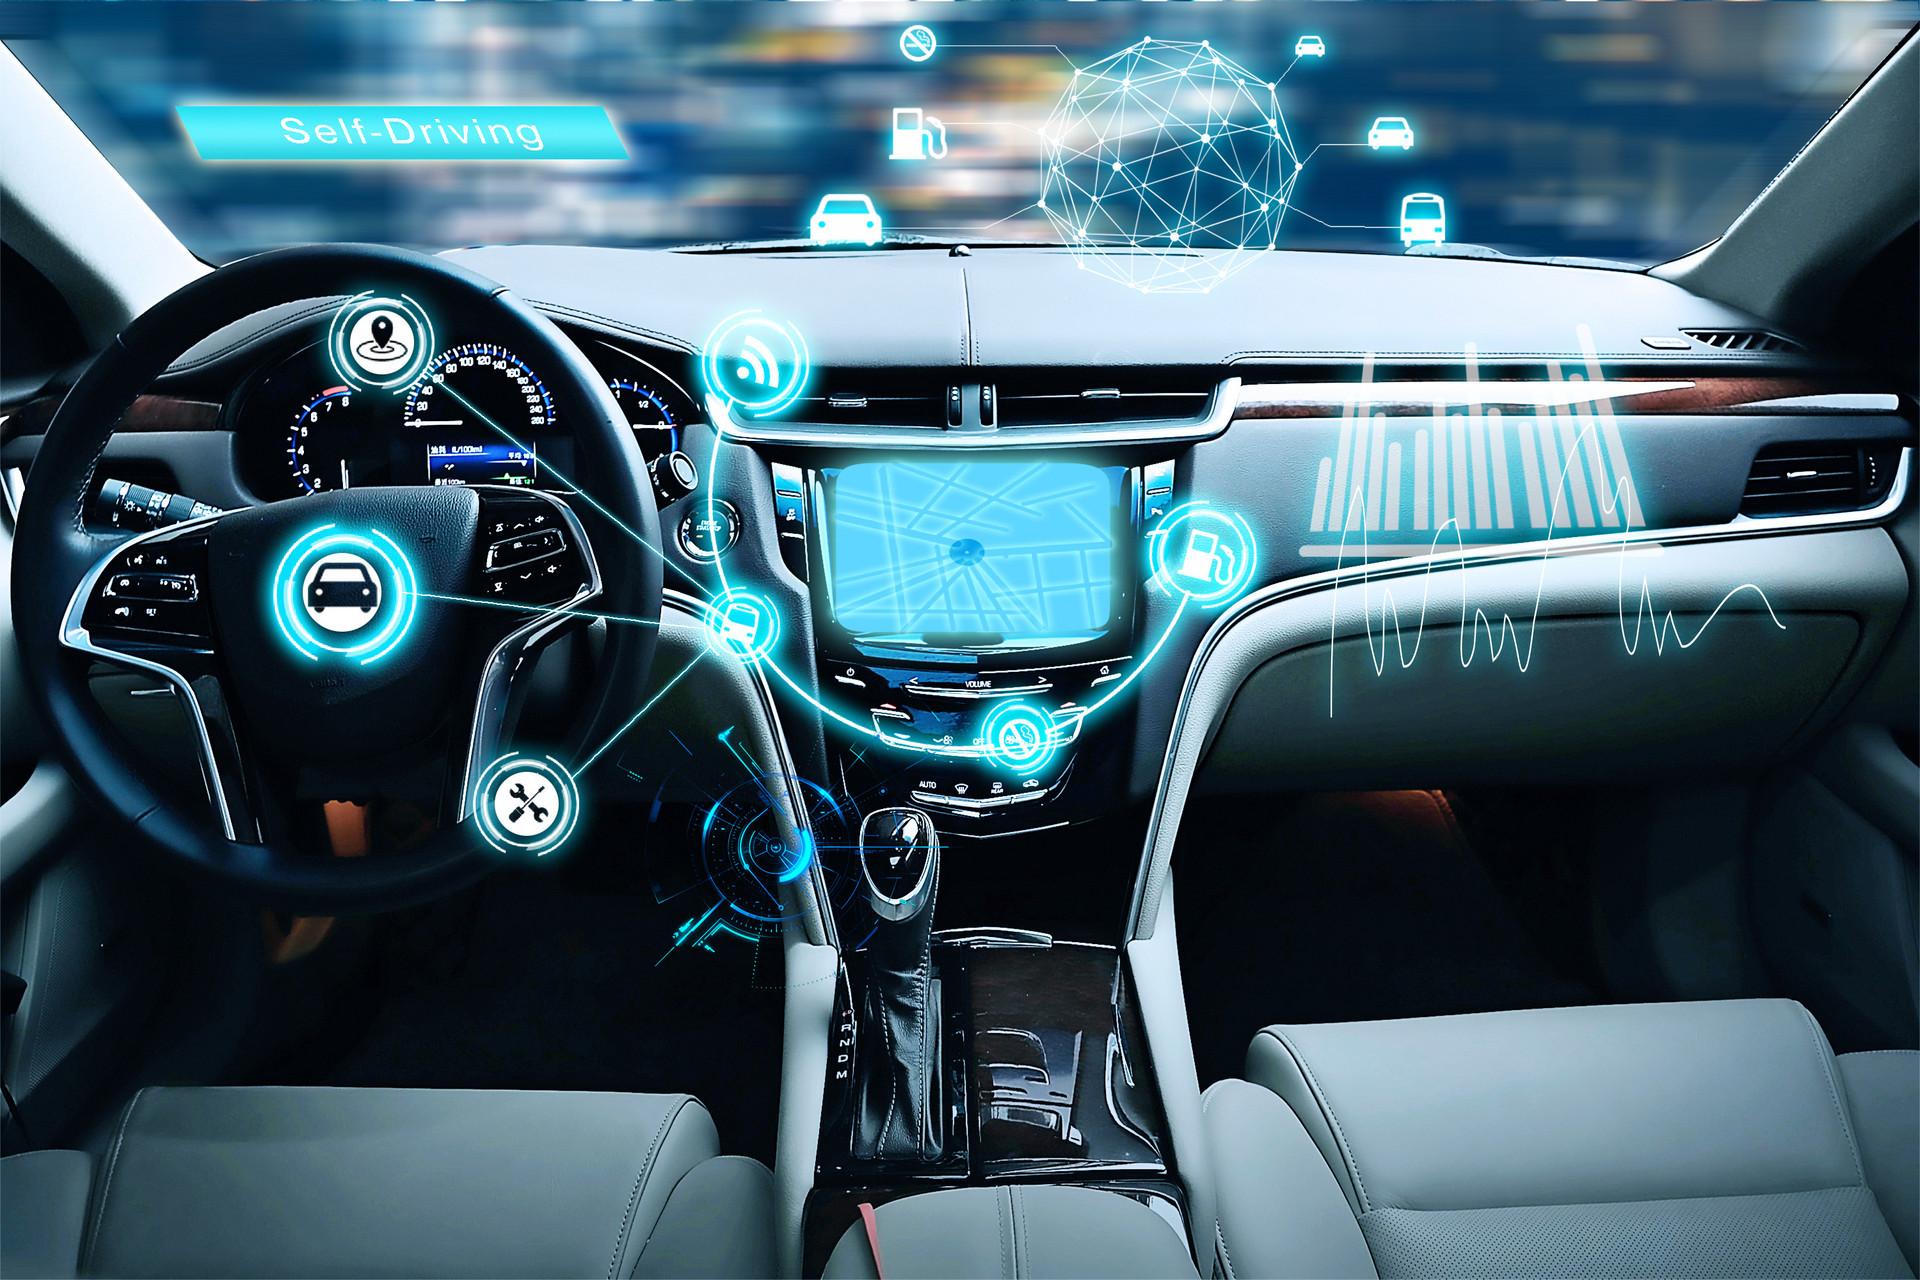 自动驾驶迎重要节点万亿市场待开发